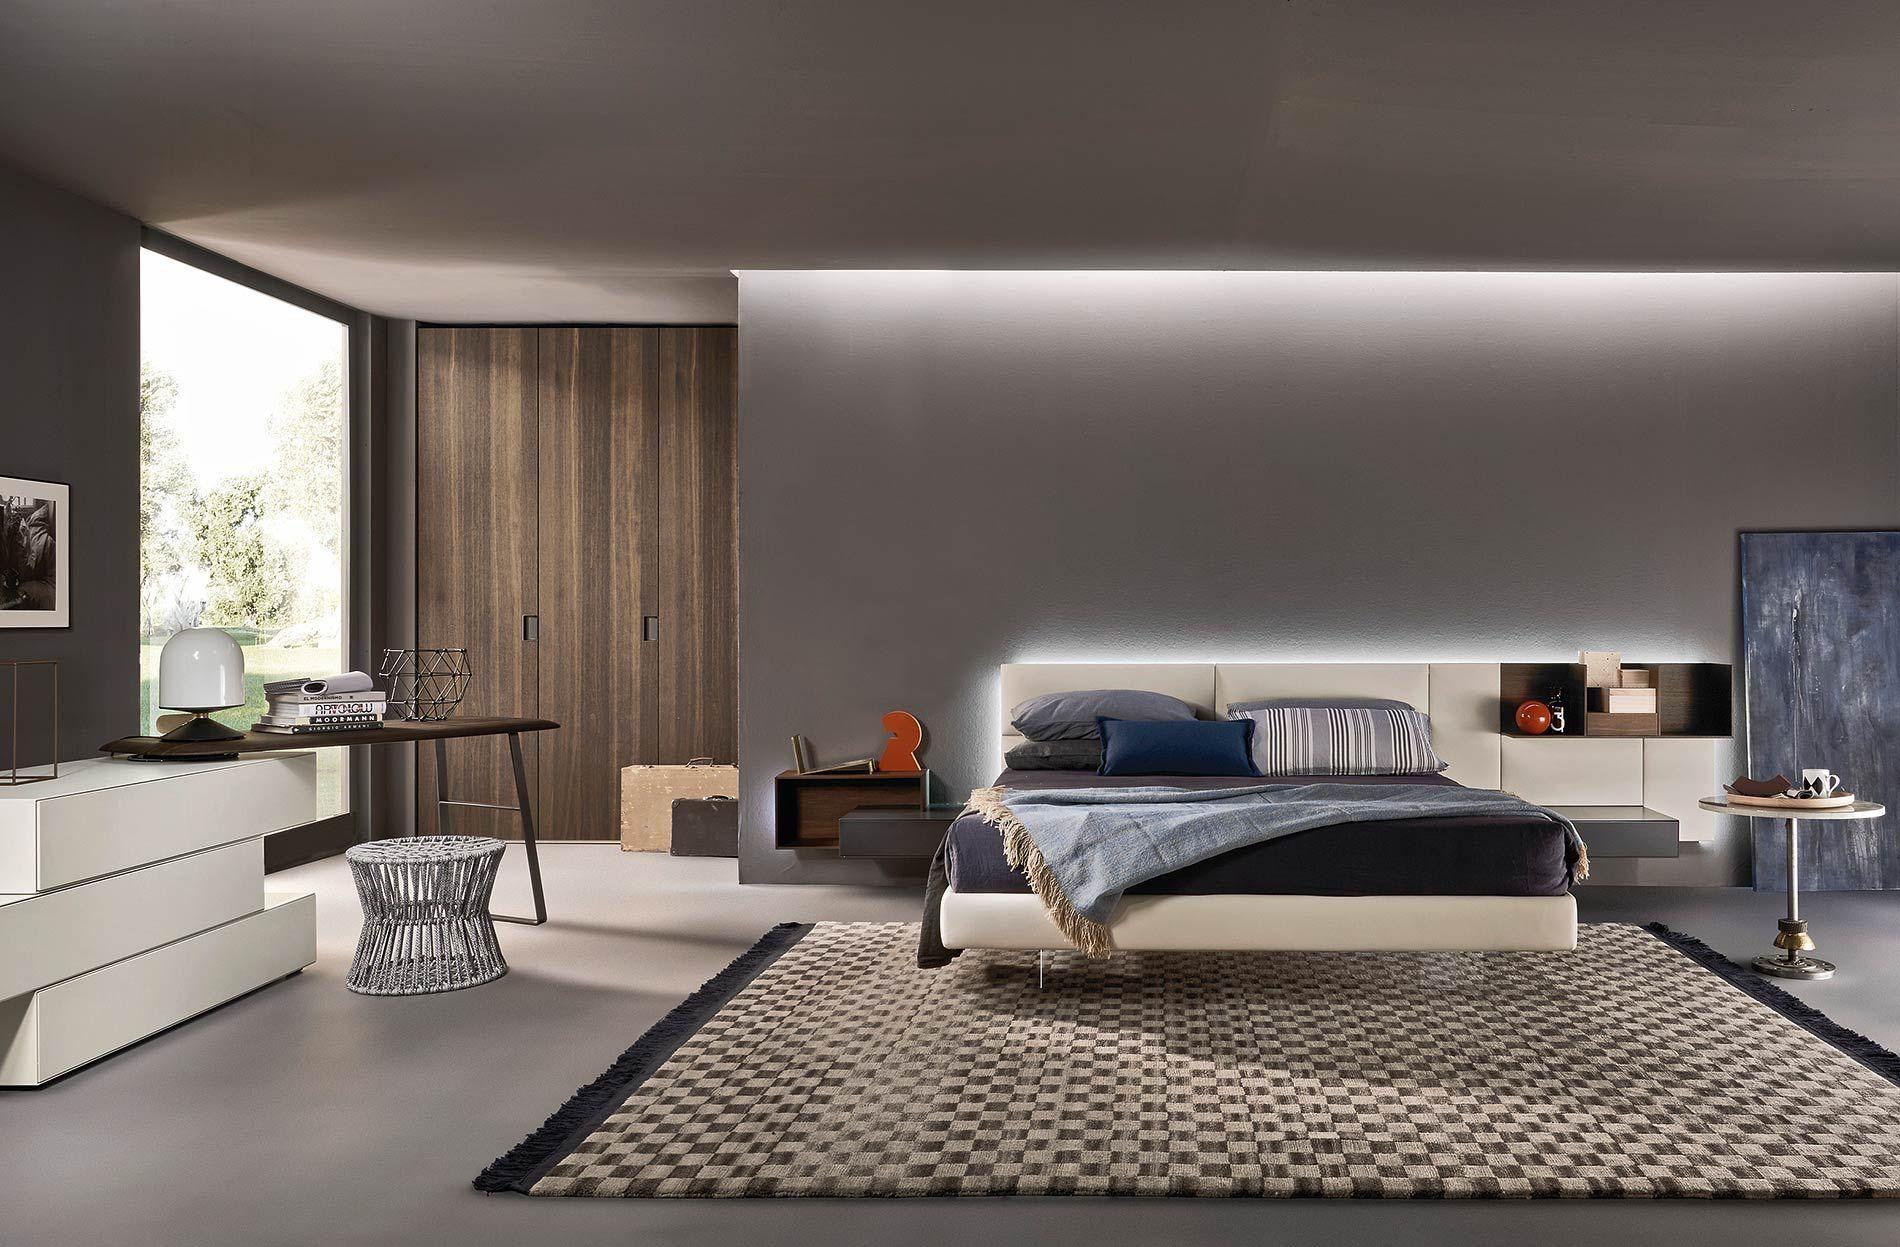 modernes schlafzimmer von livitalia mit schwebendem bett. Black Bedroom Furniture Sets. Home Design Ideas